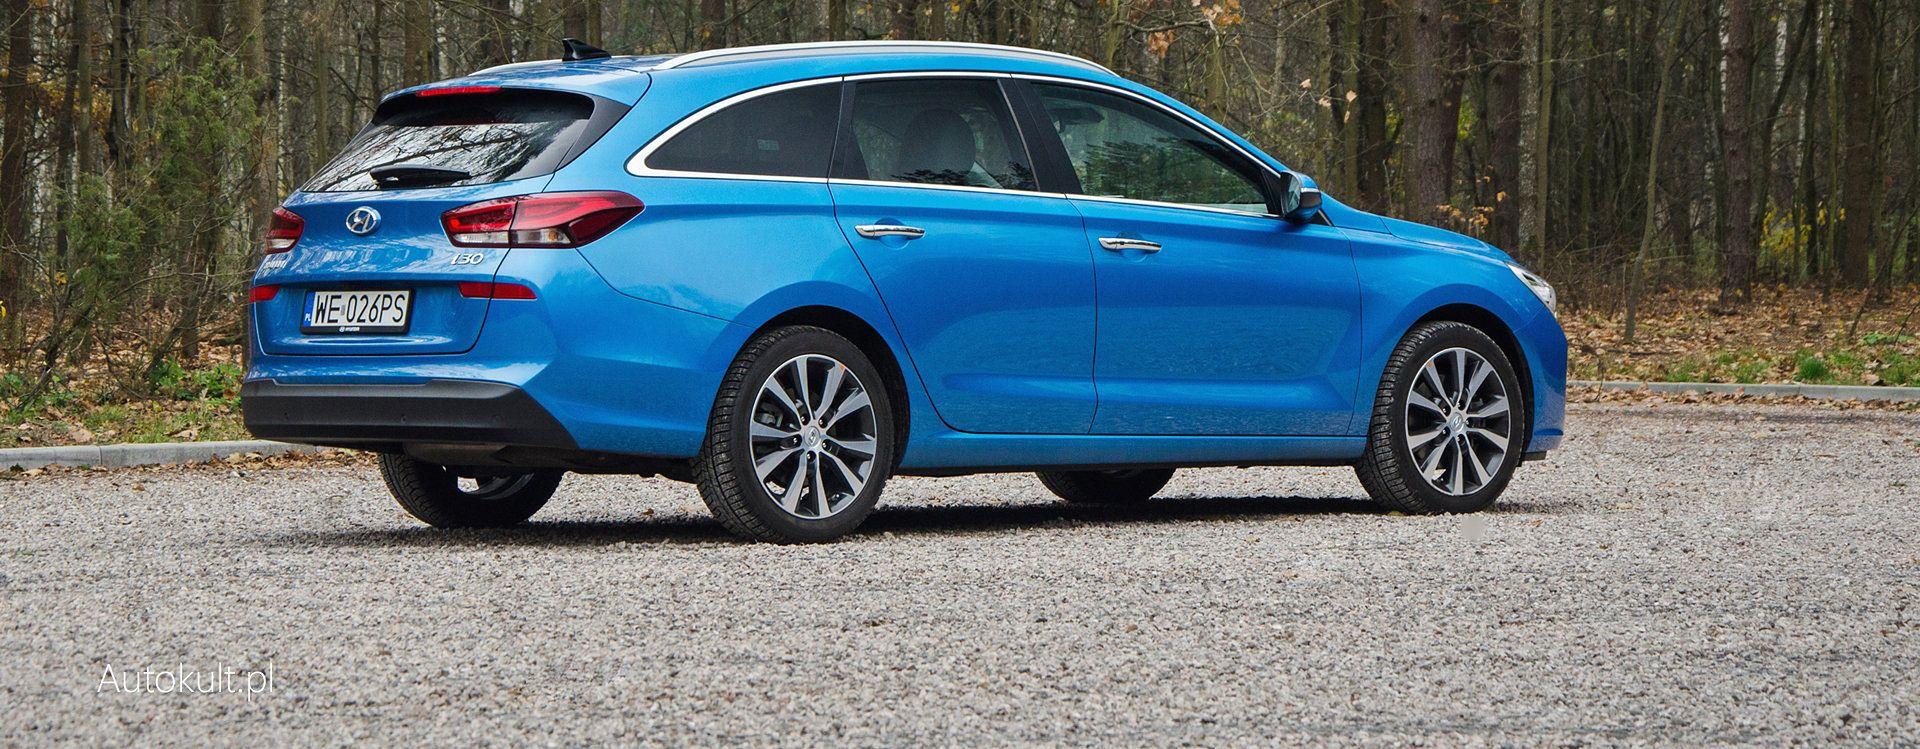 Hyundai i30 Wagon z silnikiem Diesla okazał się zupełnie innym autem niż jego odpowiednik z nadwoziem hatchback i motorem benzynowym